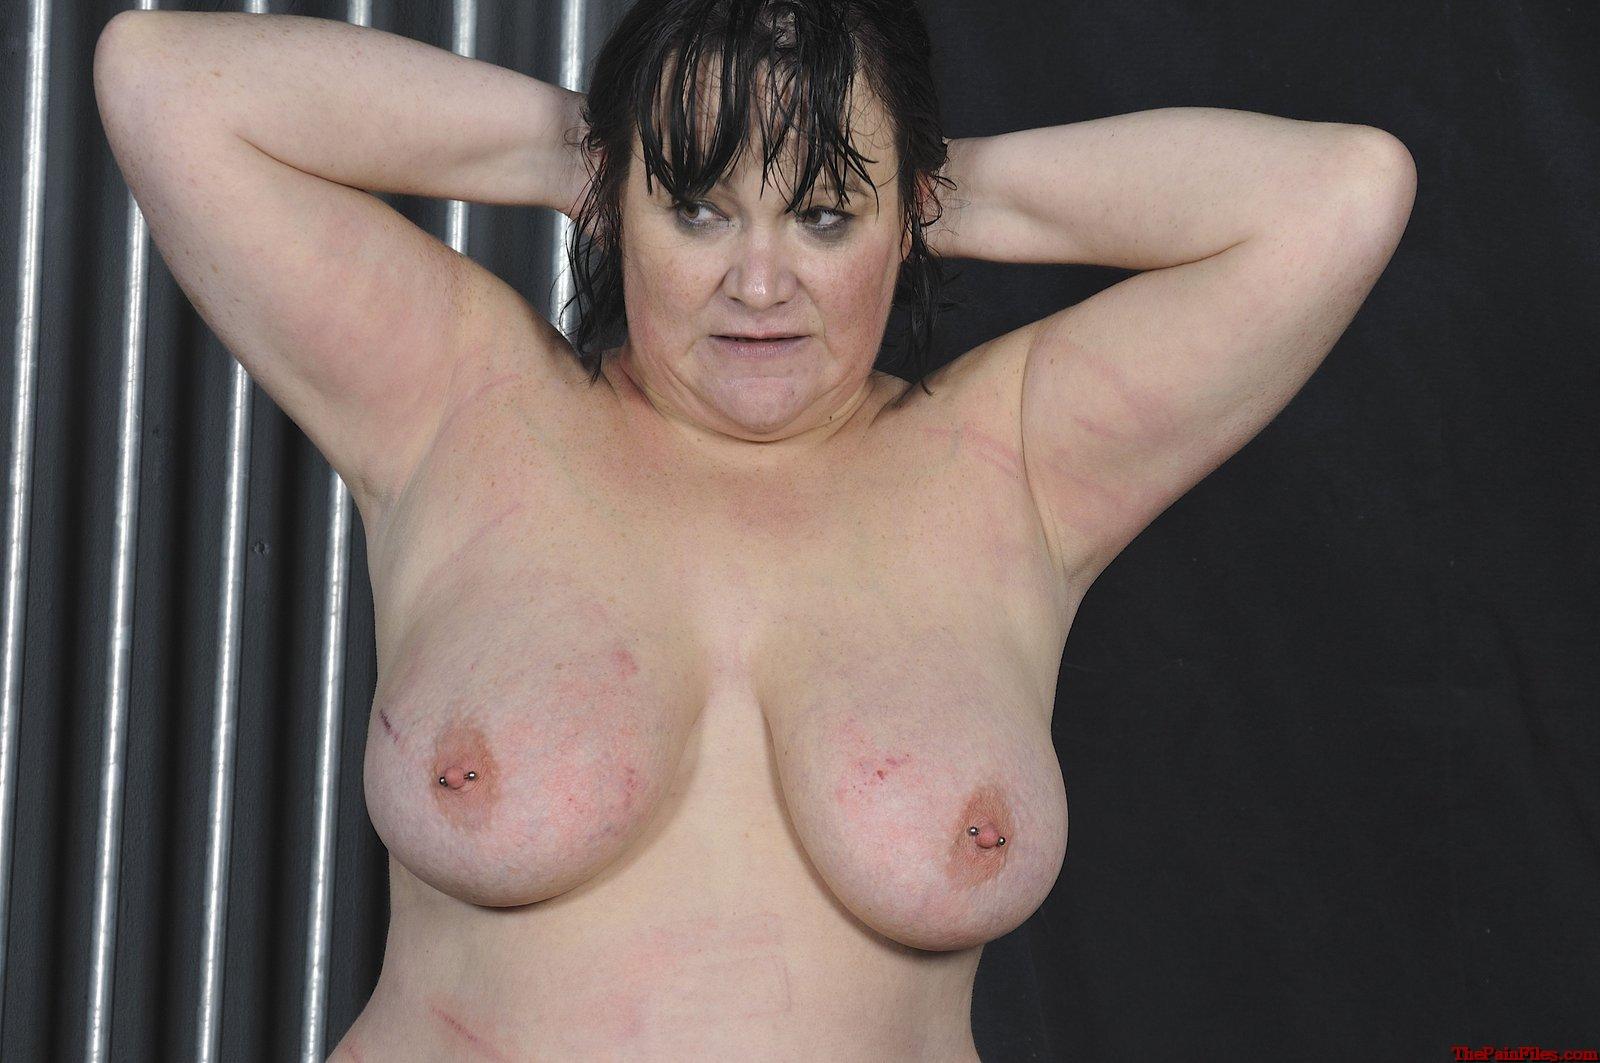 naked open legs hd